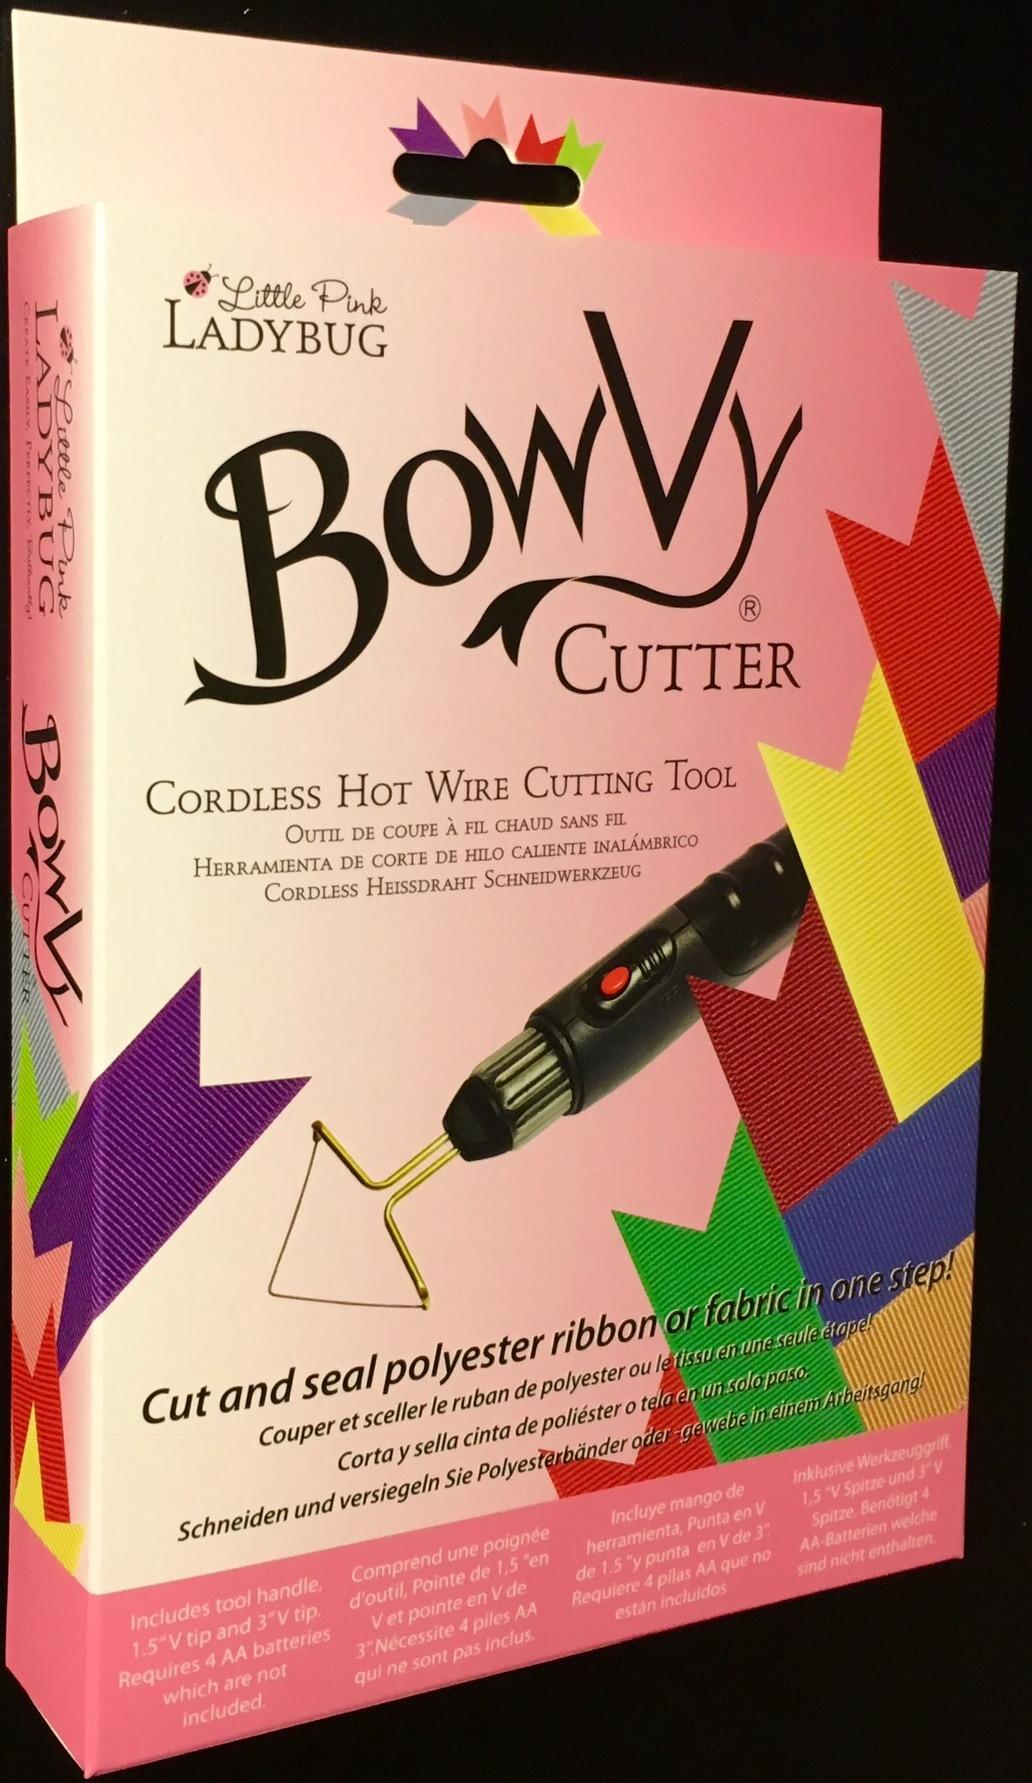 BowVy Cutter